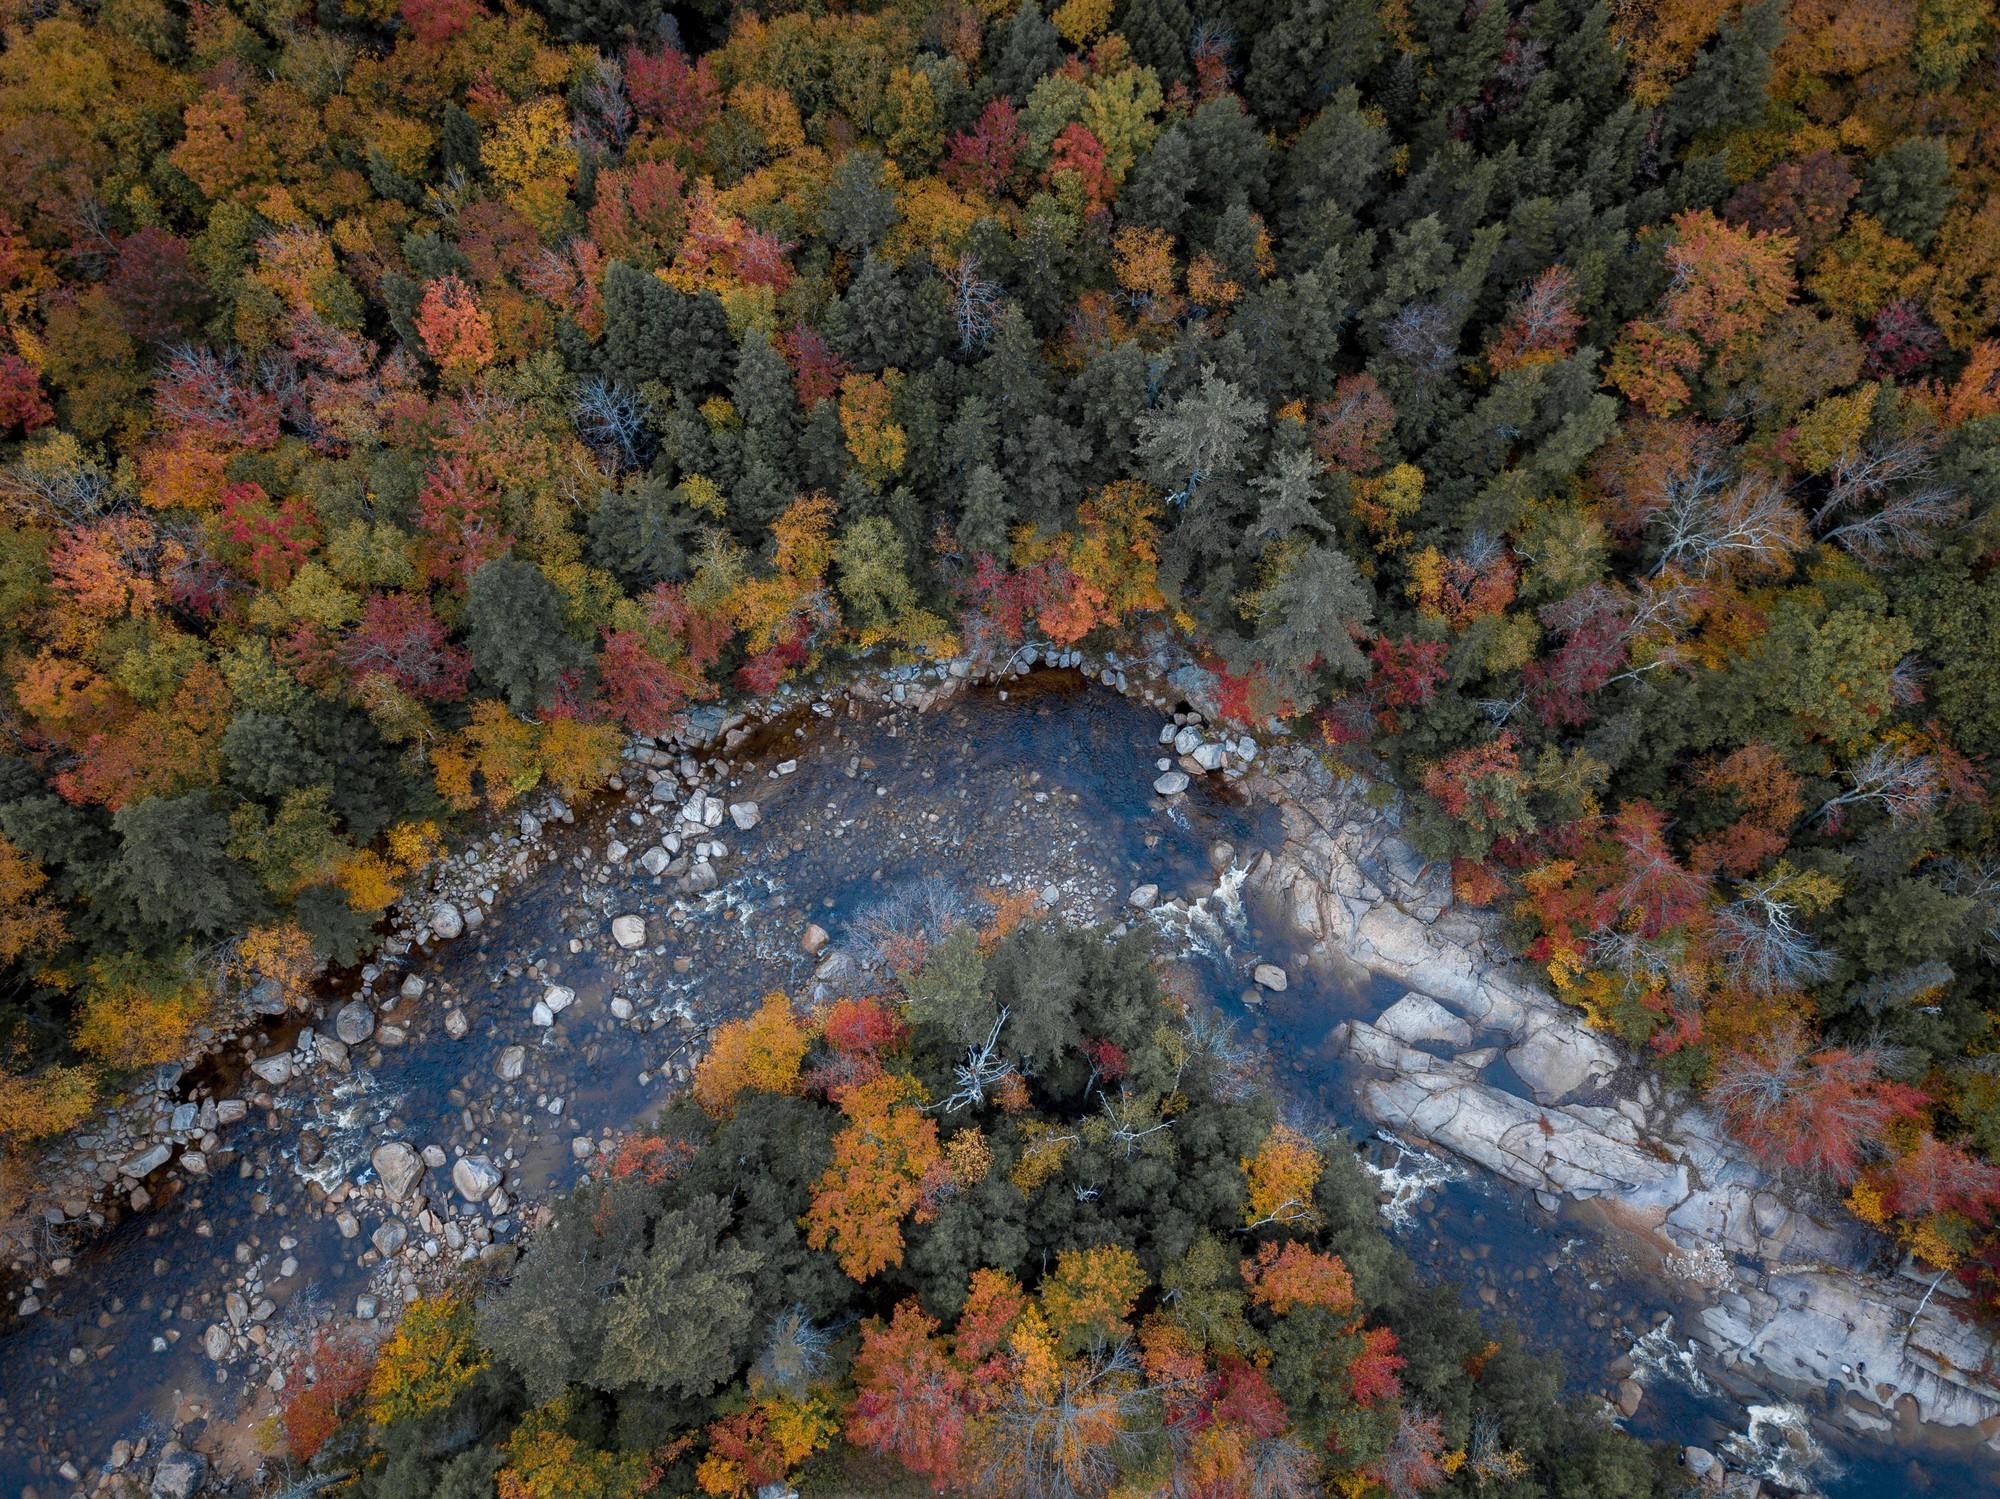 Ngắm phong cảnh đẹp đến ngoạn mục của những khu rừng vào mùa thu - Ảnh 18.